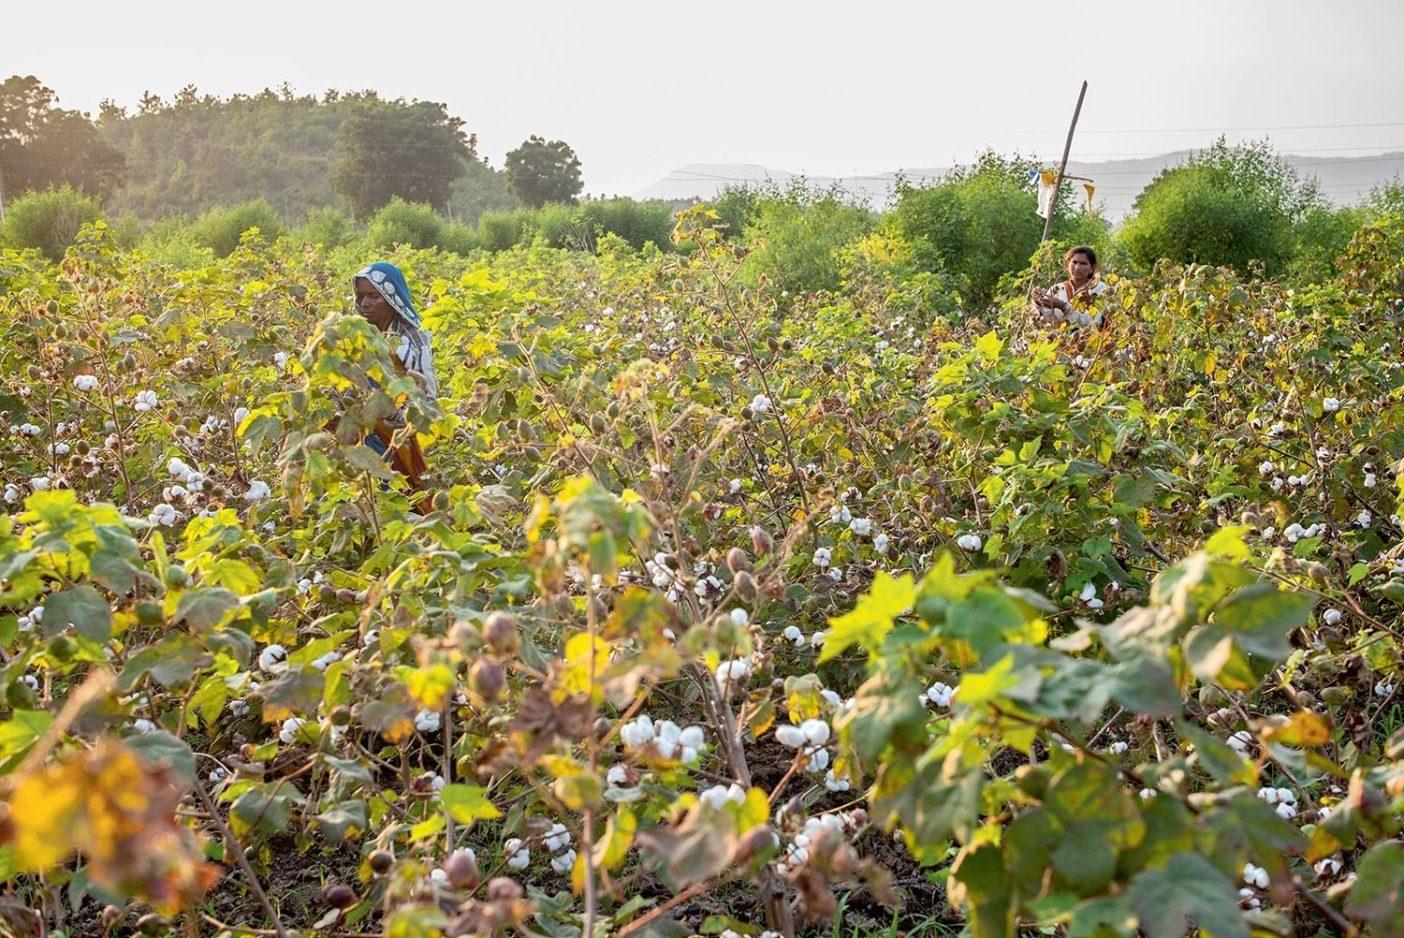 環境再生型農業はインドの綿畑で土壌を作り、炭素を蓄えることを実践している。Photo: Tim Davis